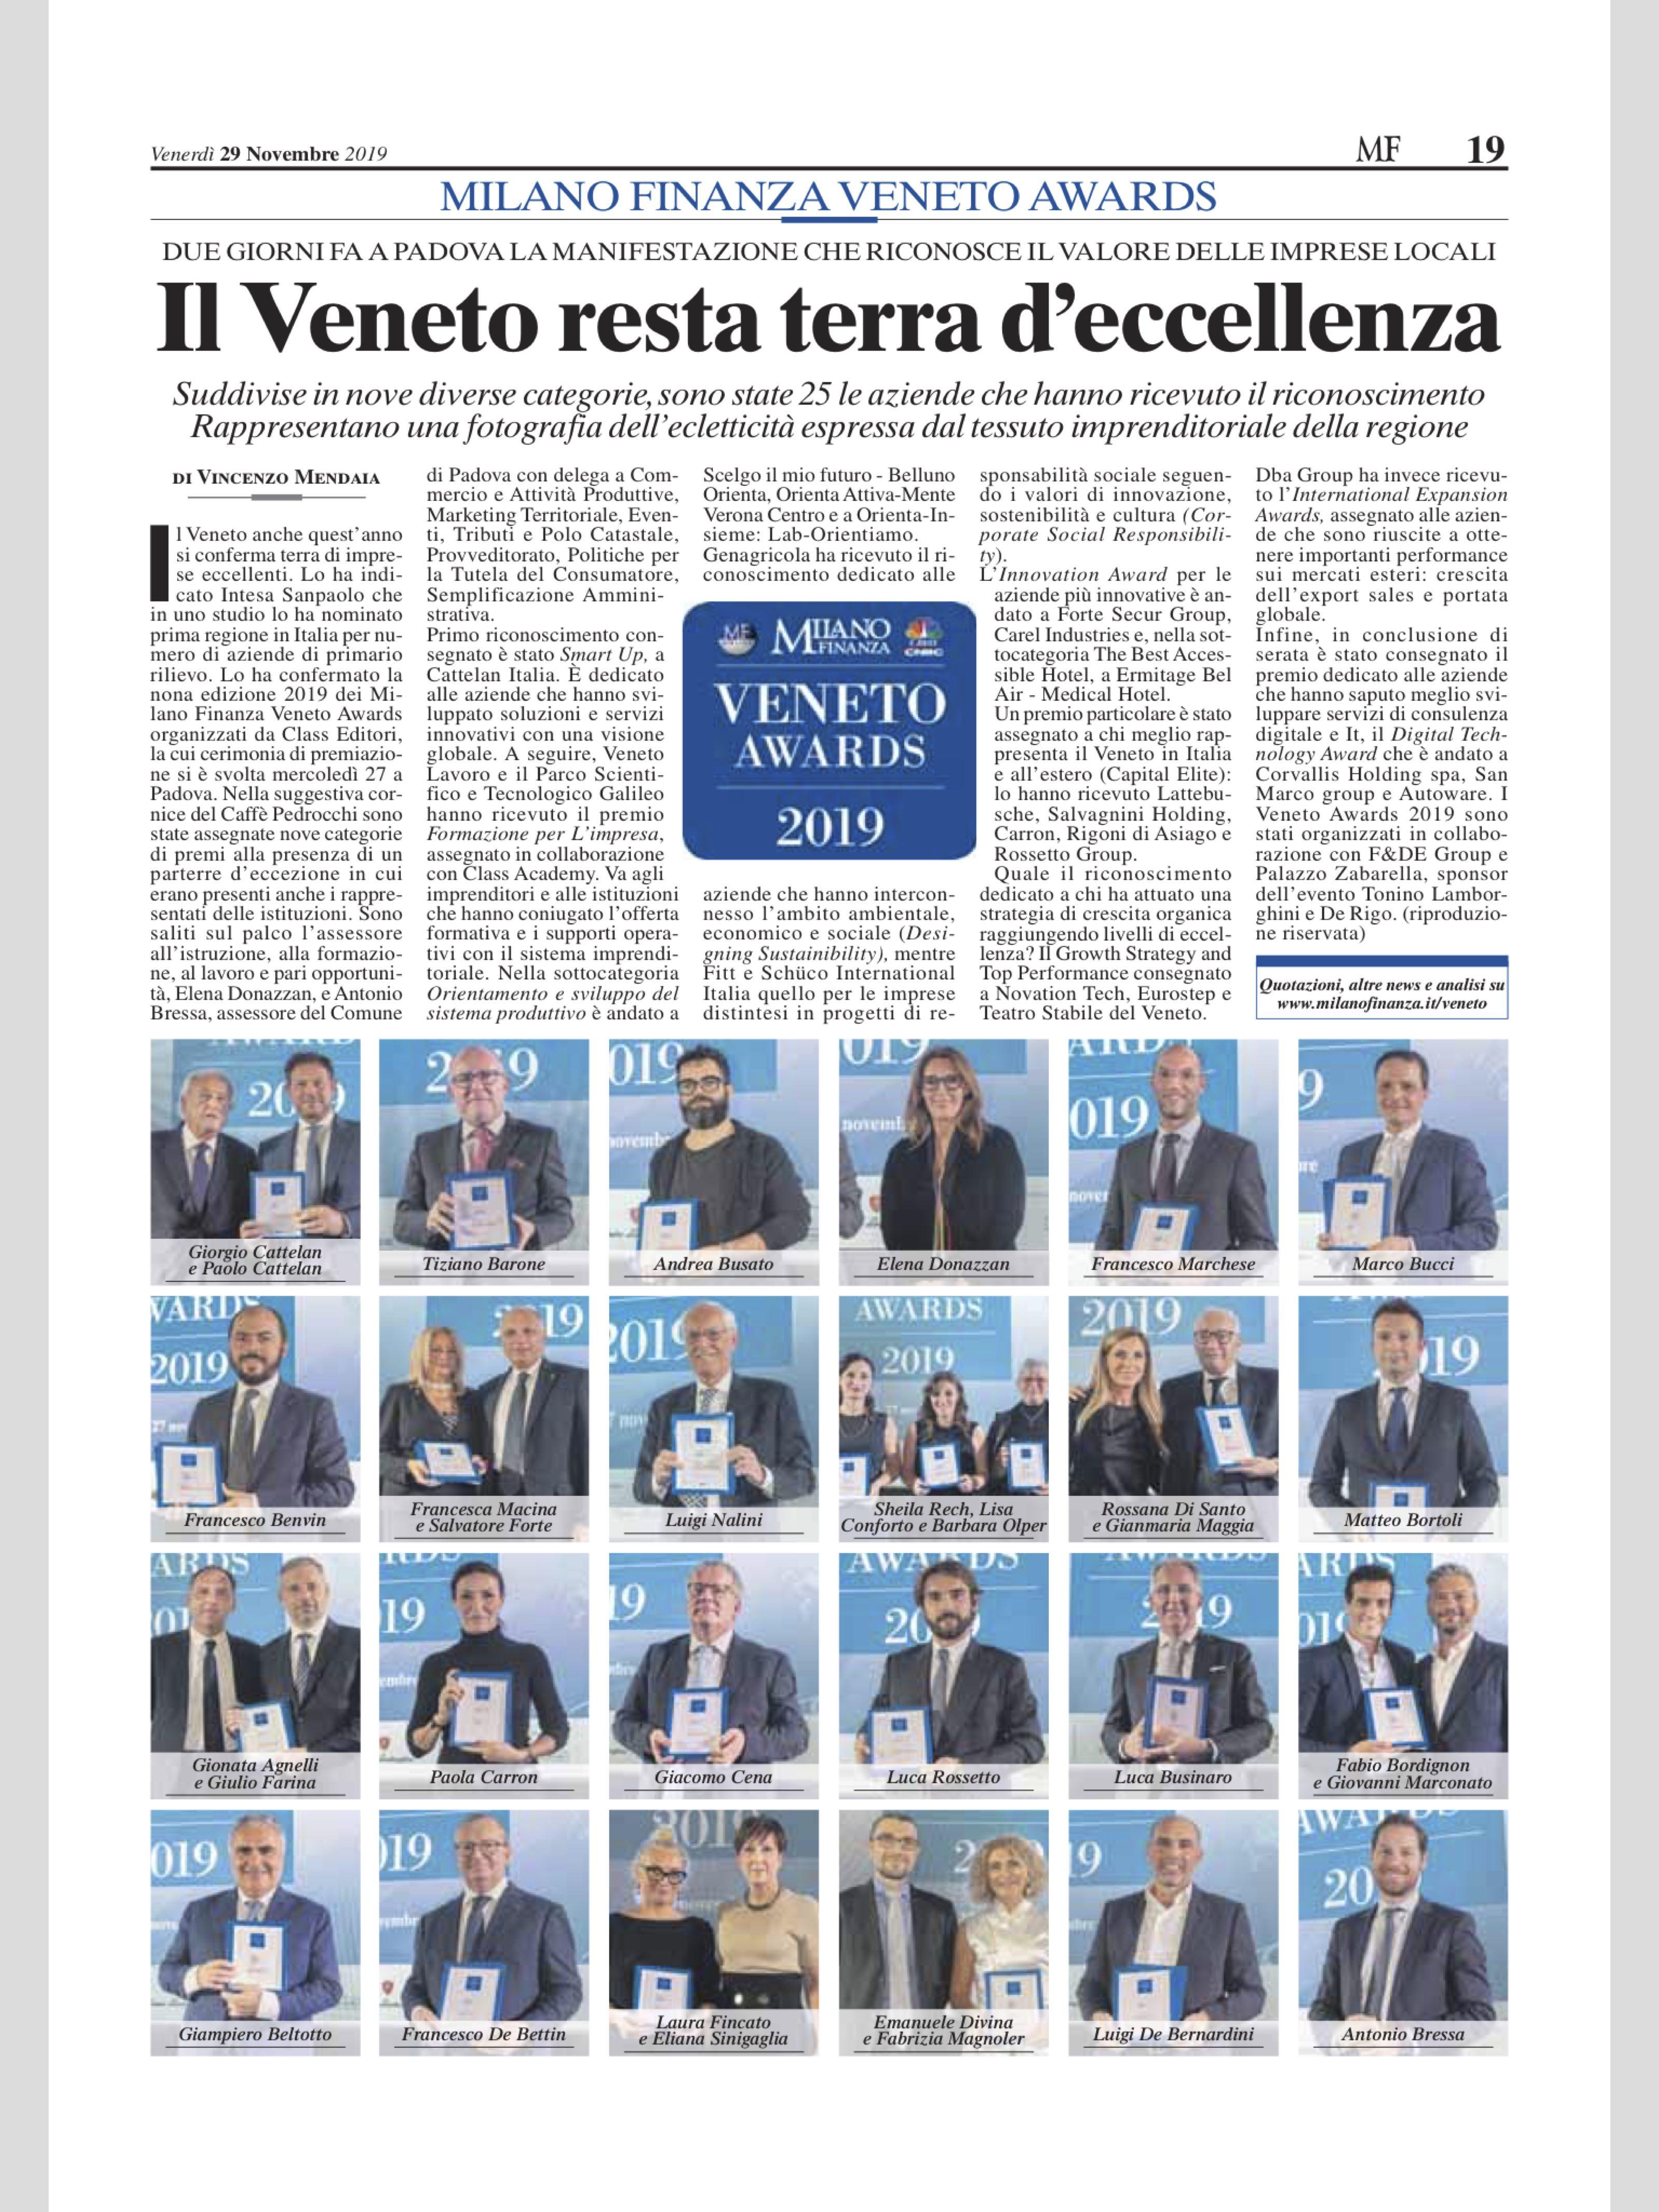 veneto-awards-2019